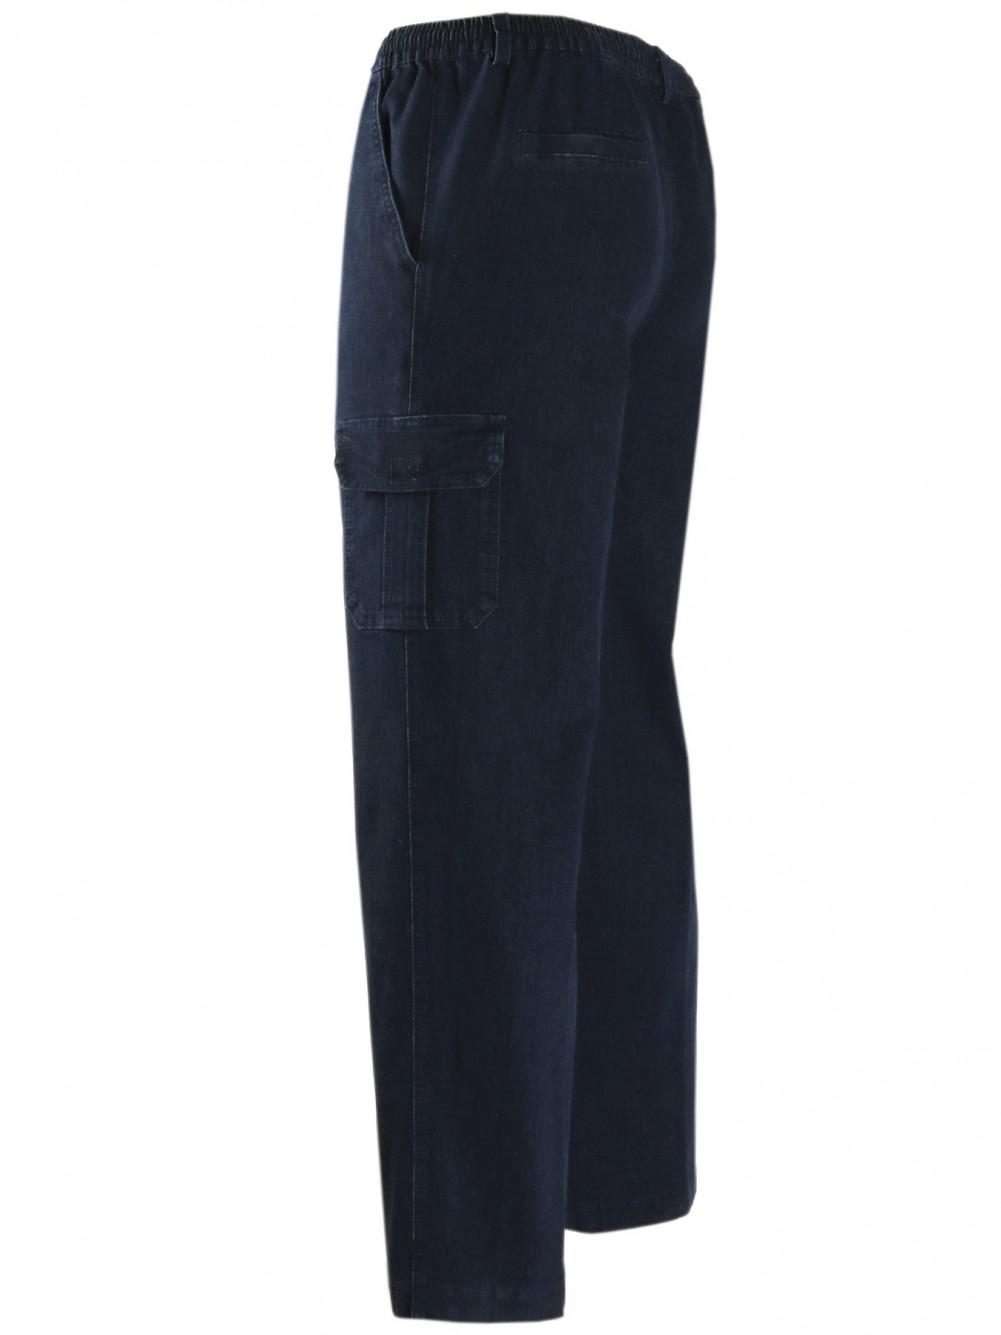 PAPADAY-Jeans Schlupfhosen - dunkelblau(seitenansicht